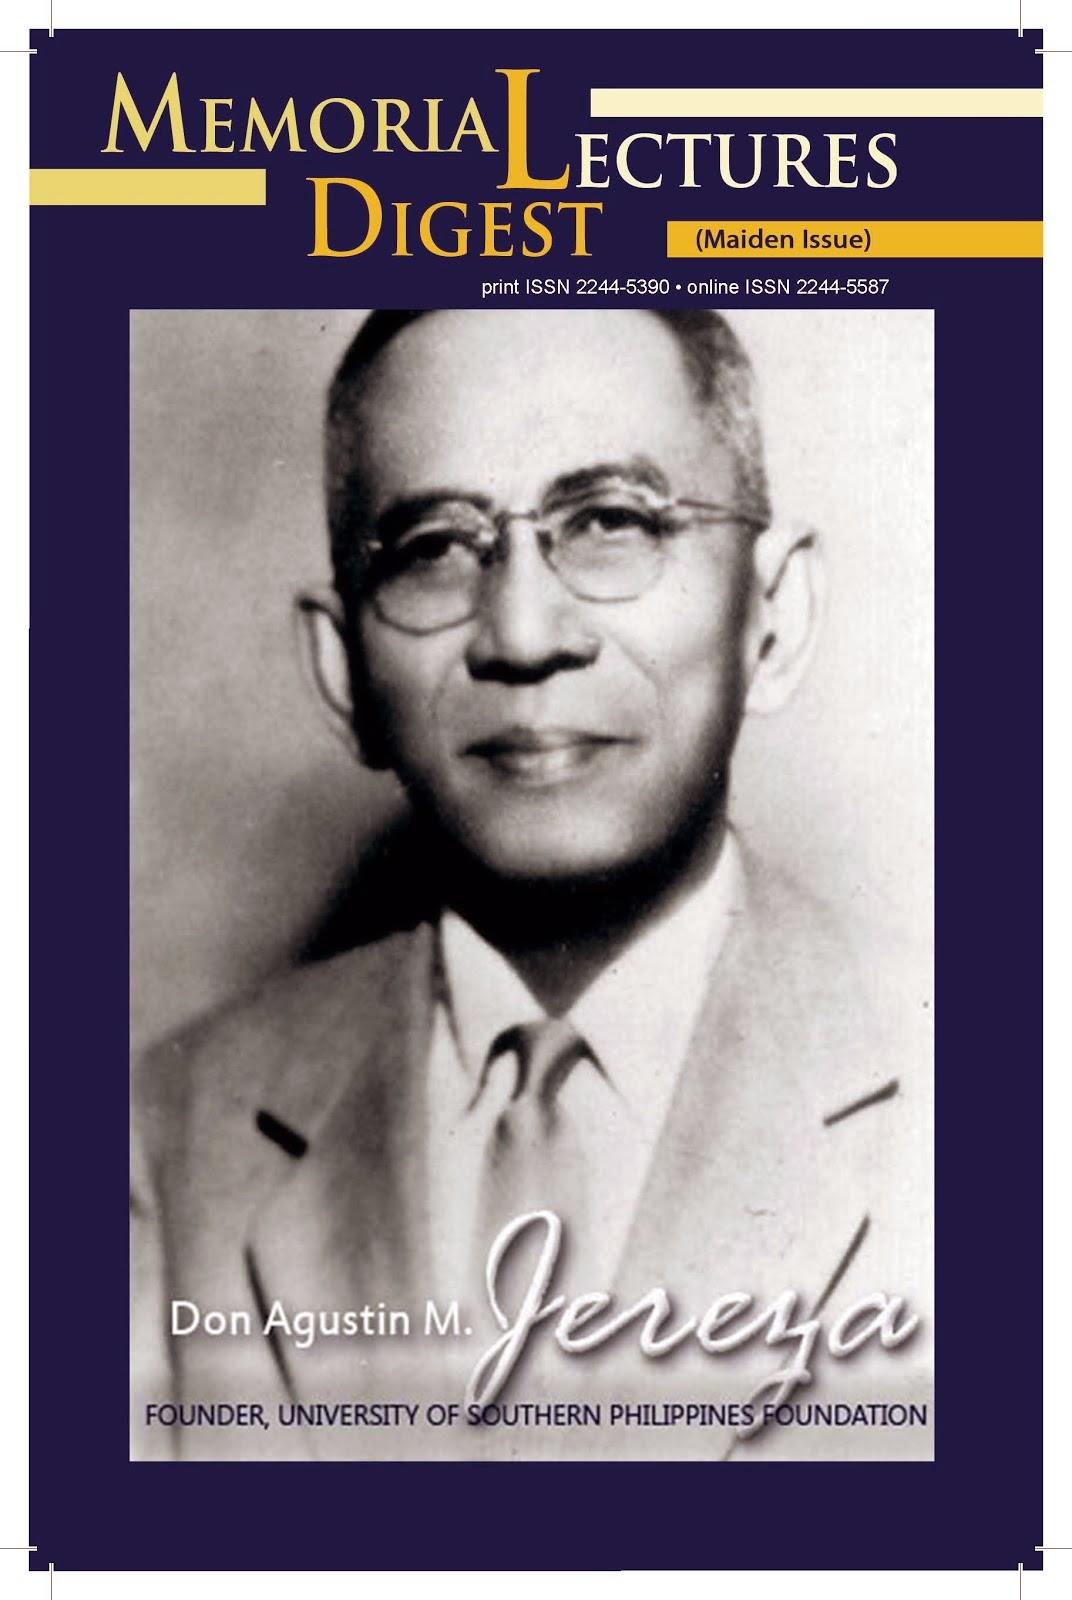 2013 Publication